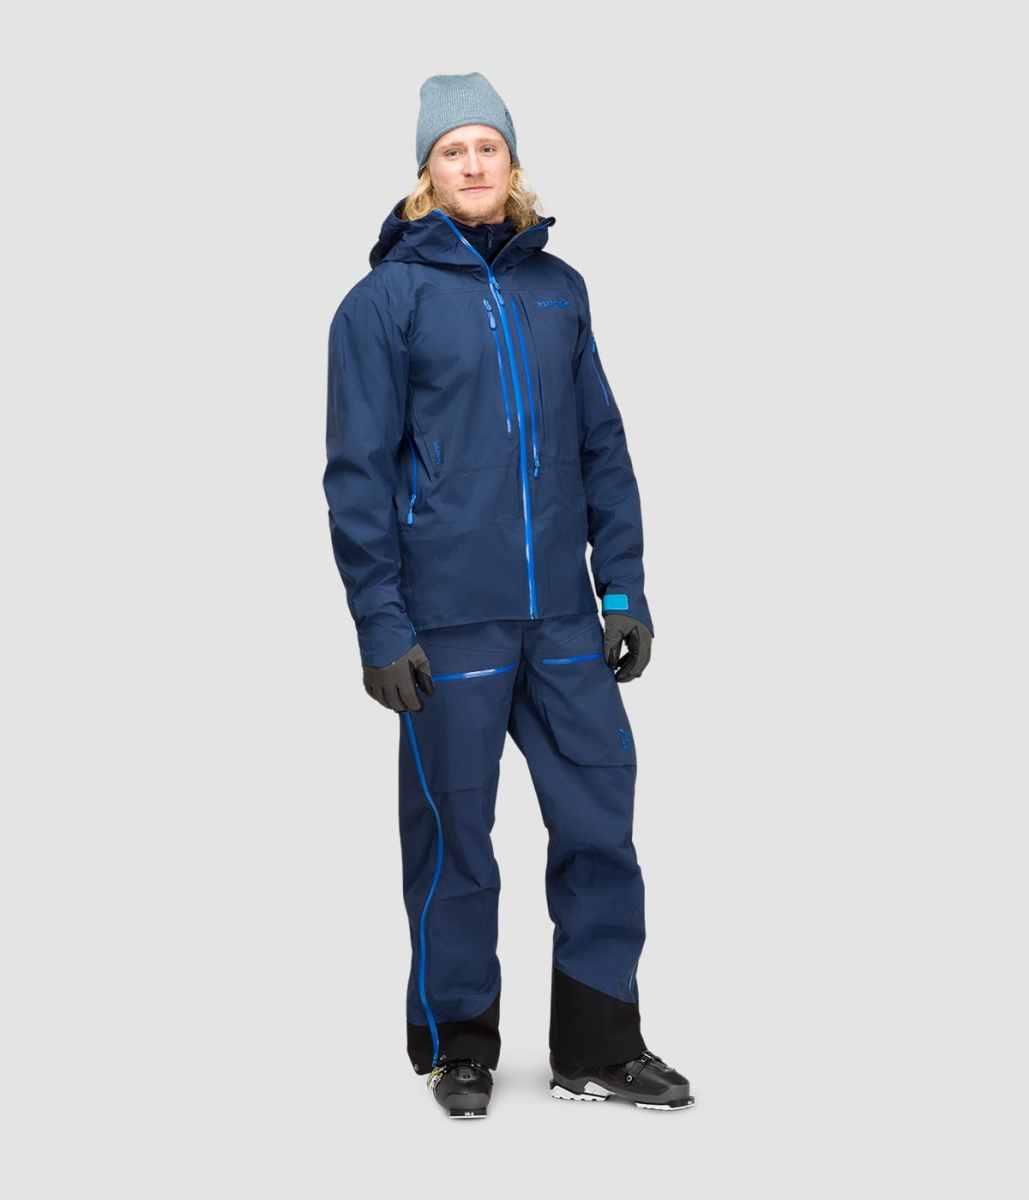 Best Skiing Hardshell for Winter 2019: Norrona Lofoten